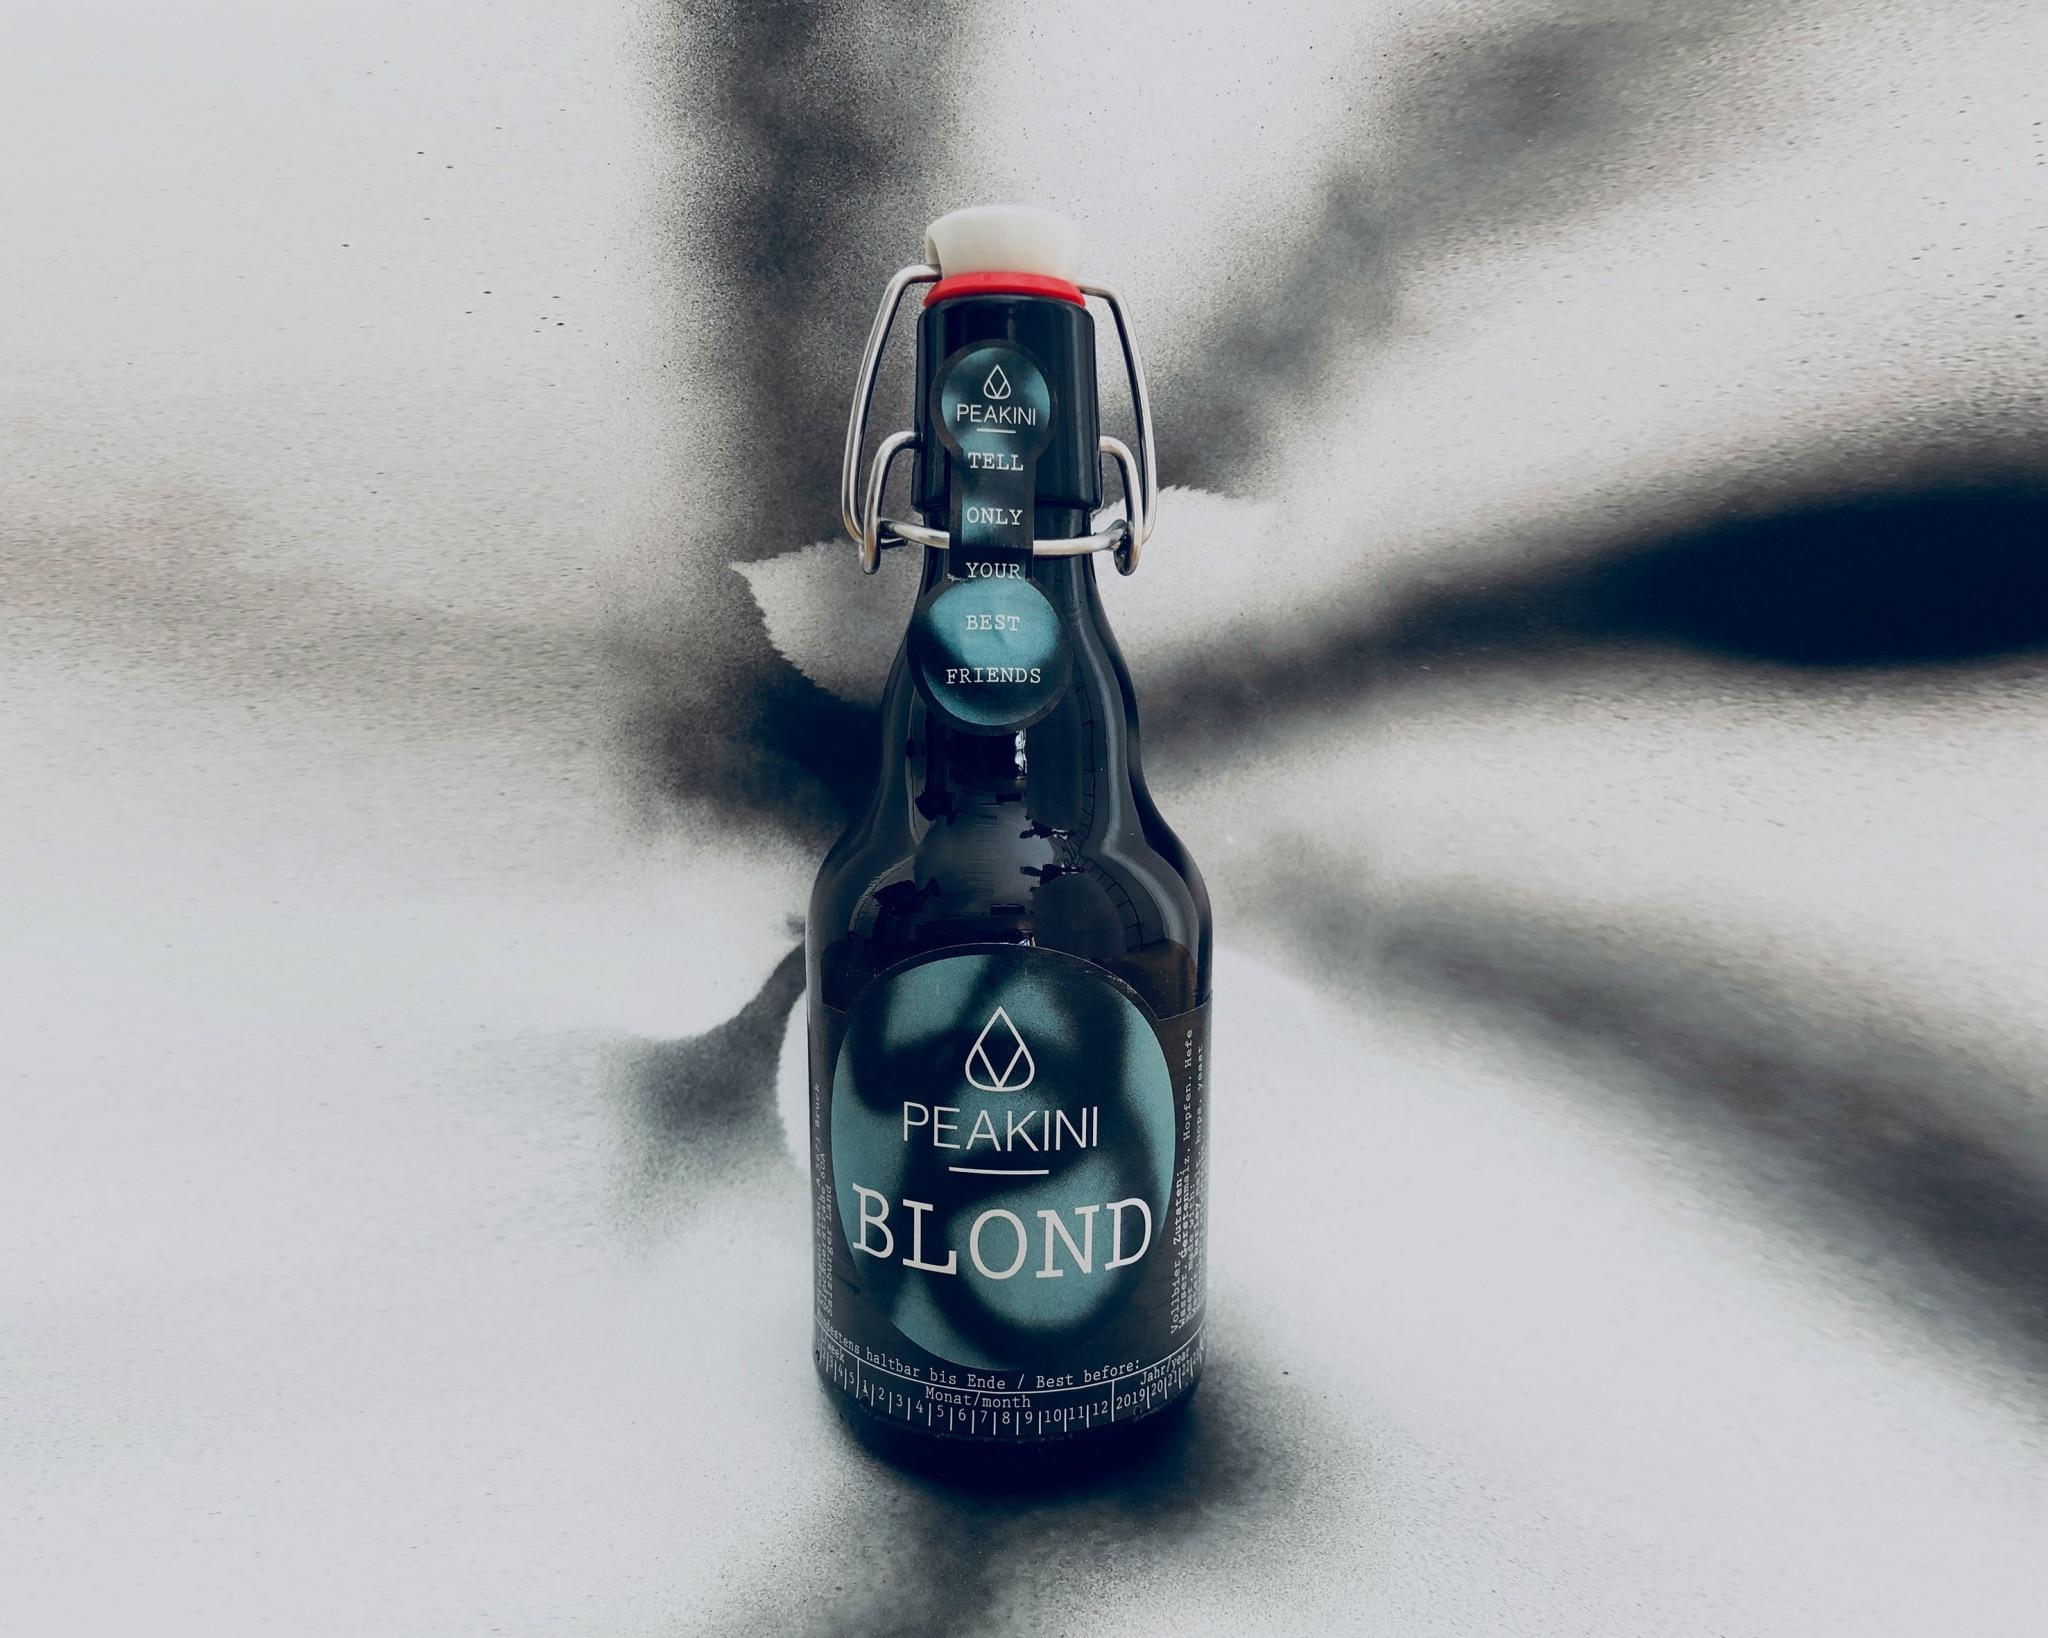 Peakini Blond Bier